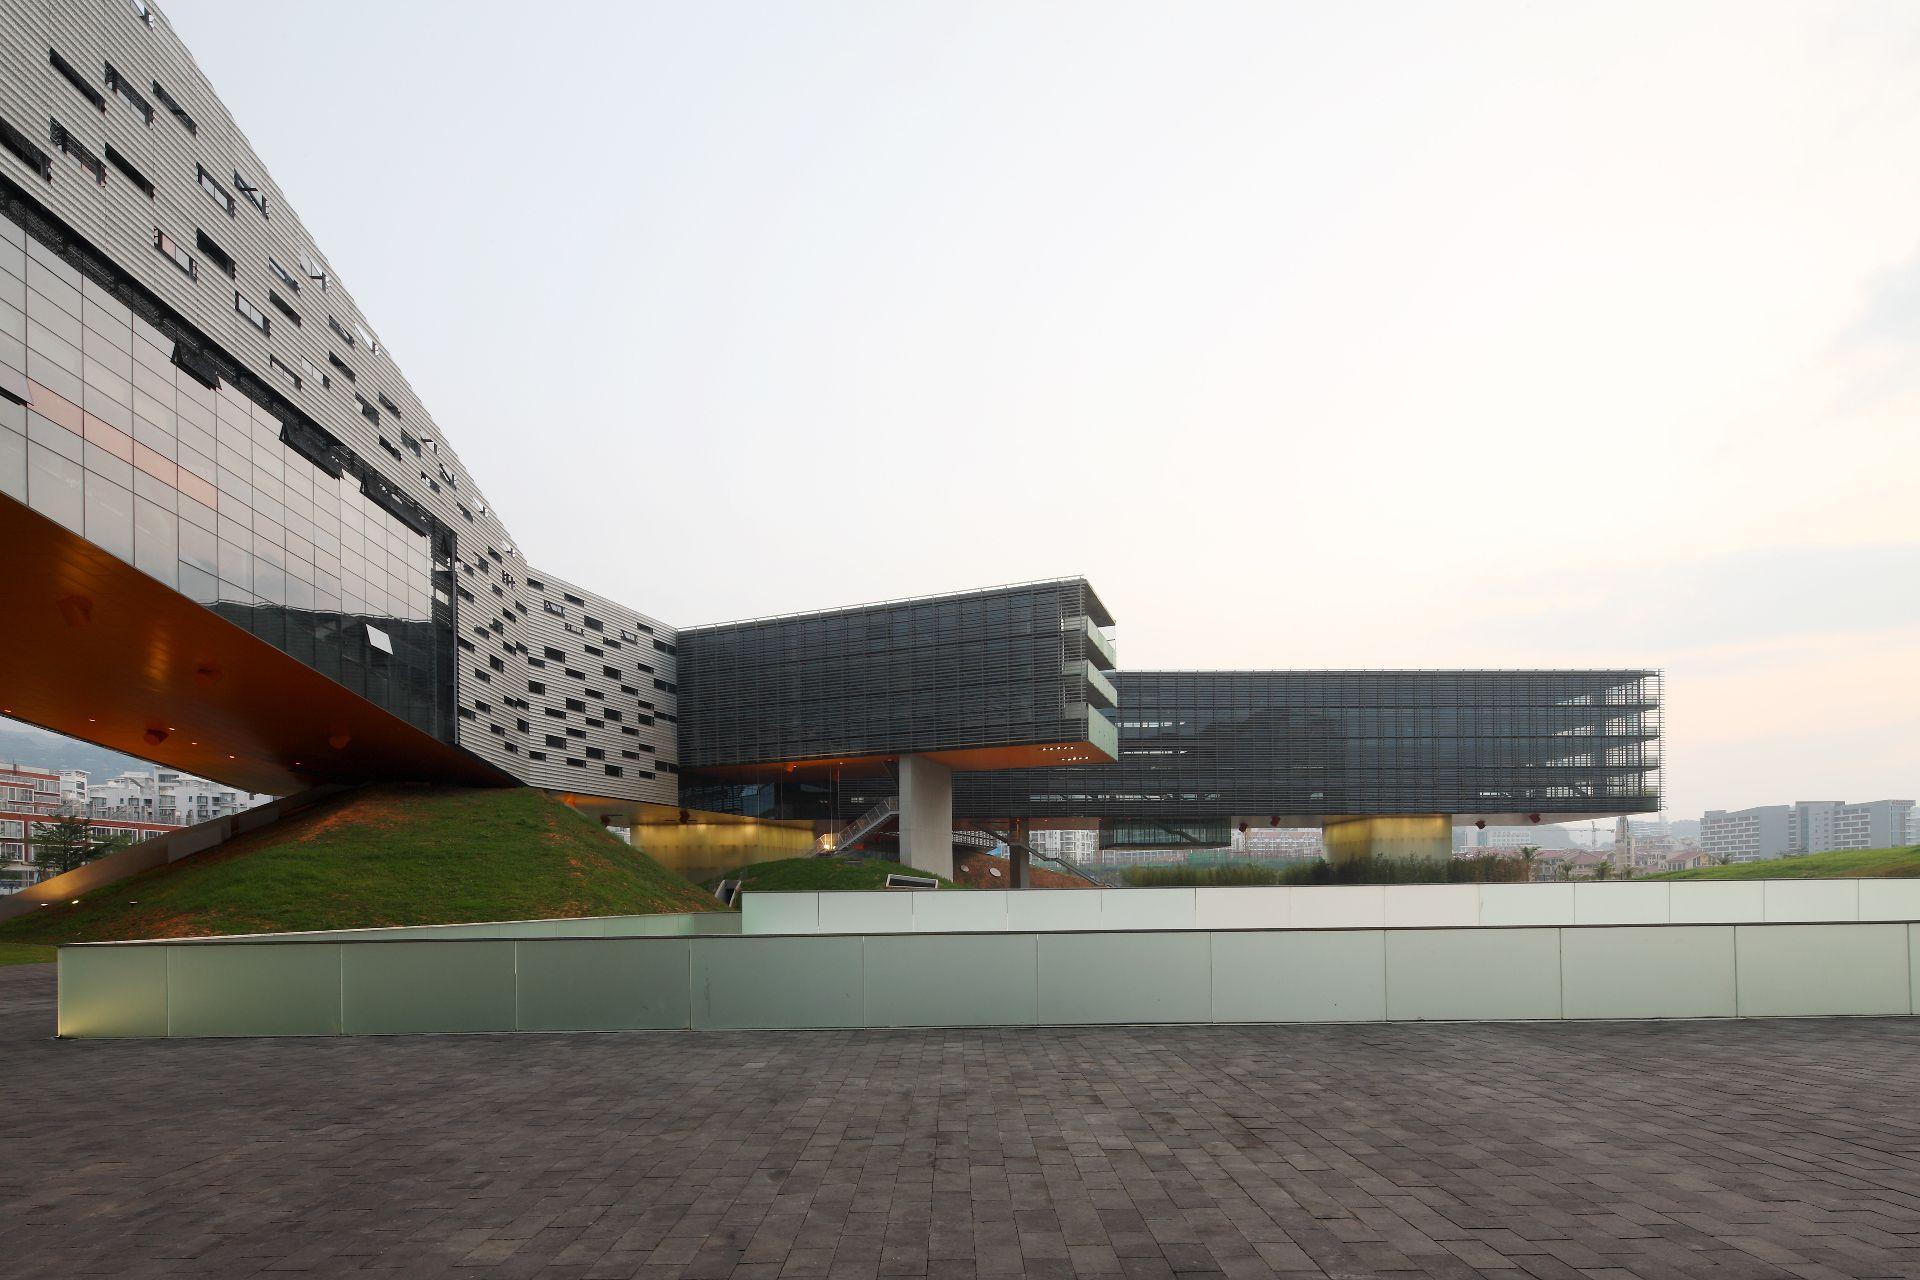 Il Grattacielo Orizzontale Di Steven Holl A Shenzhen In